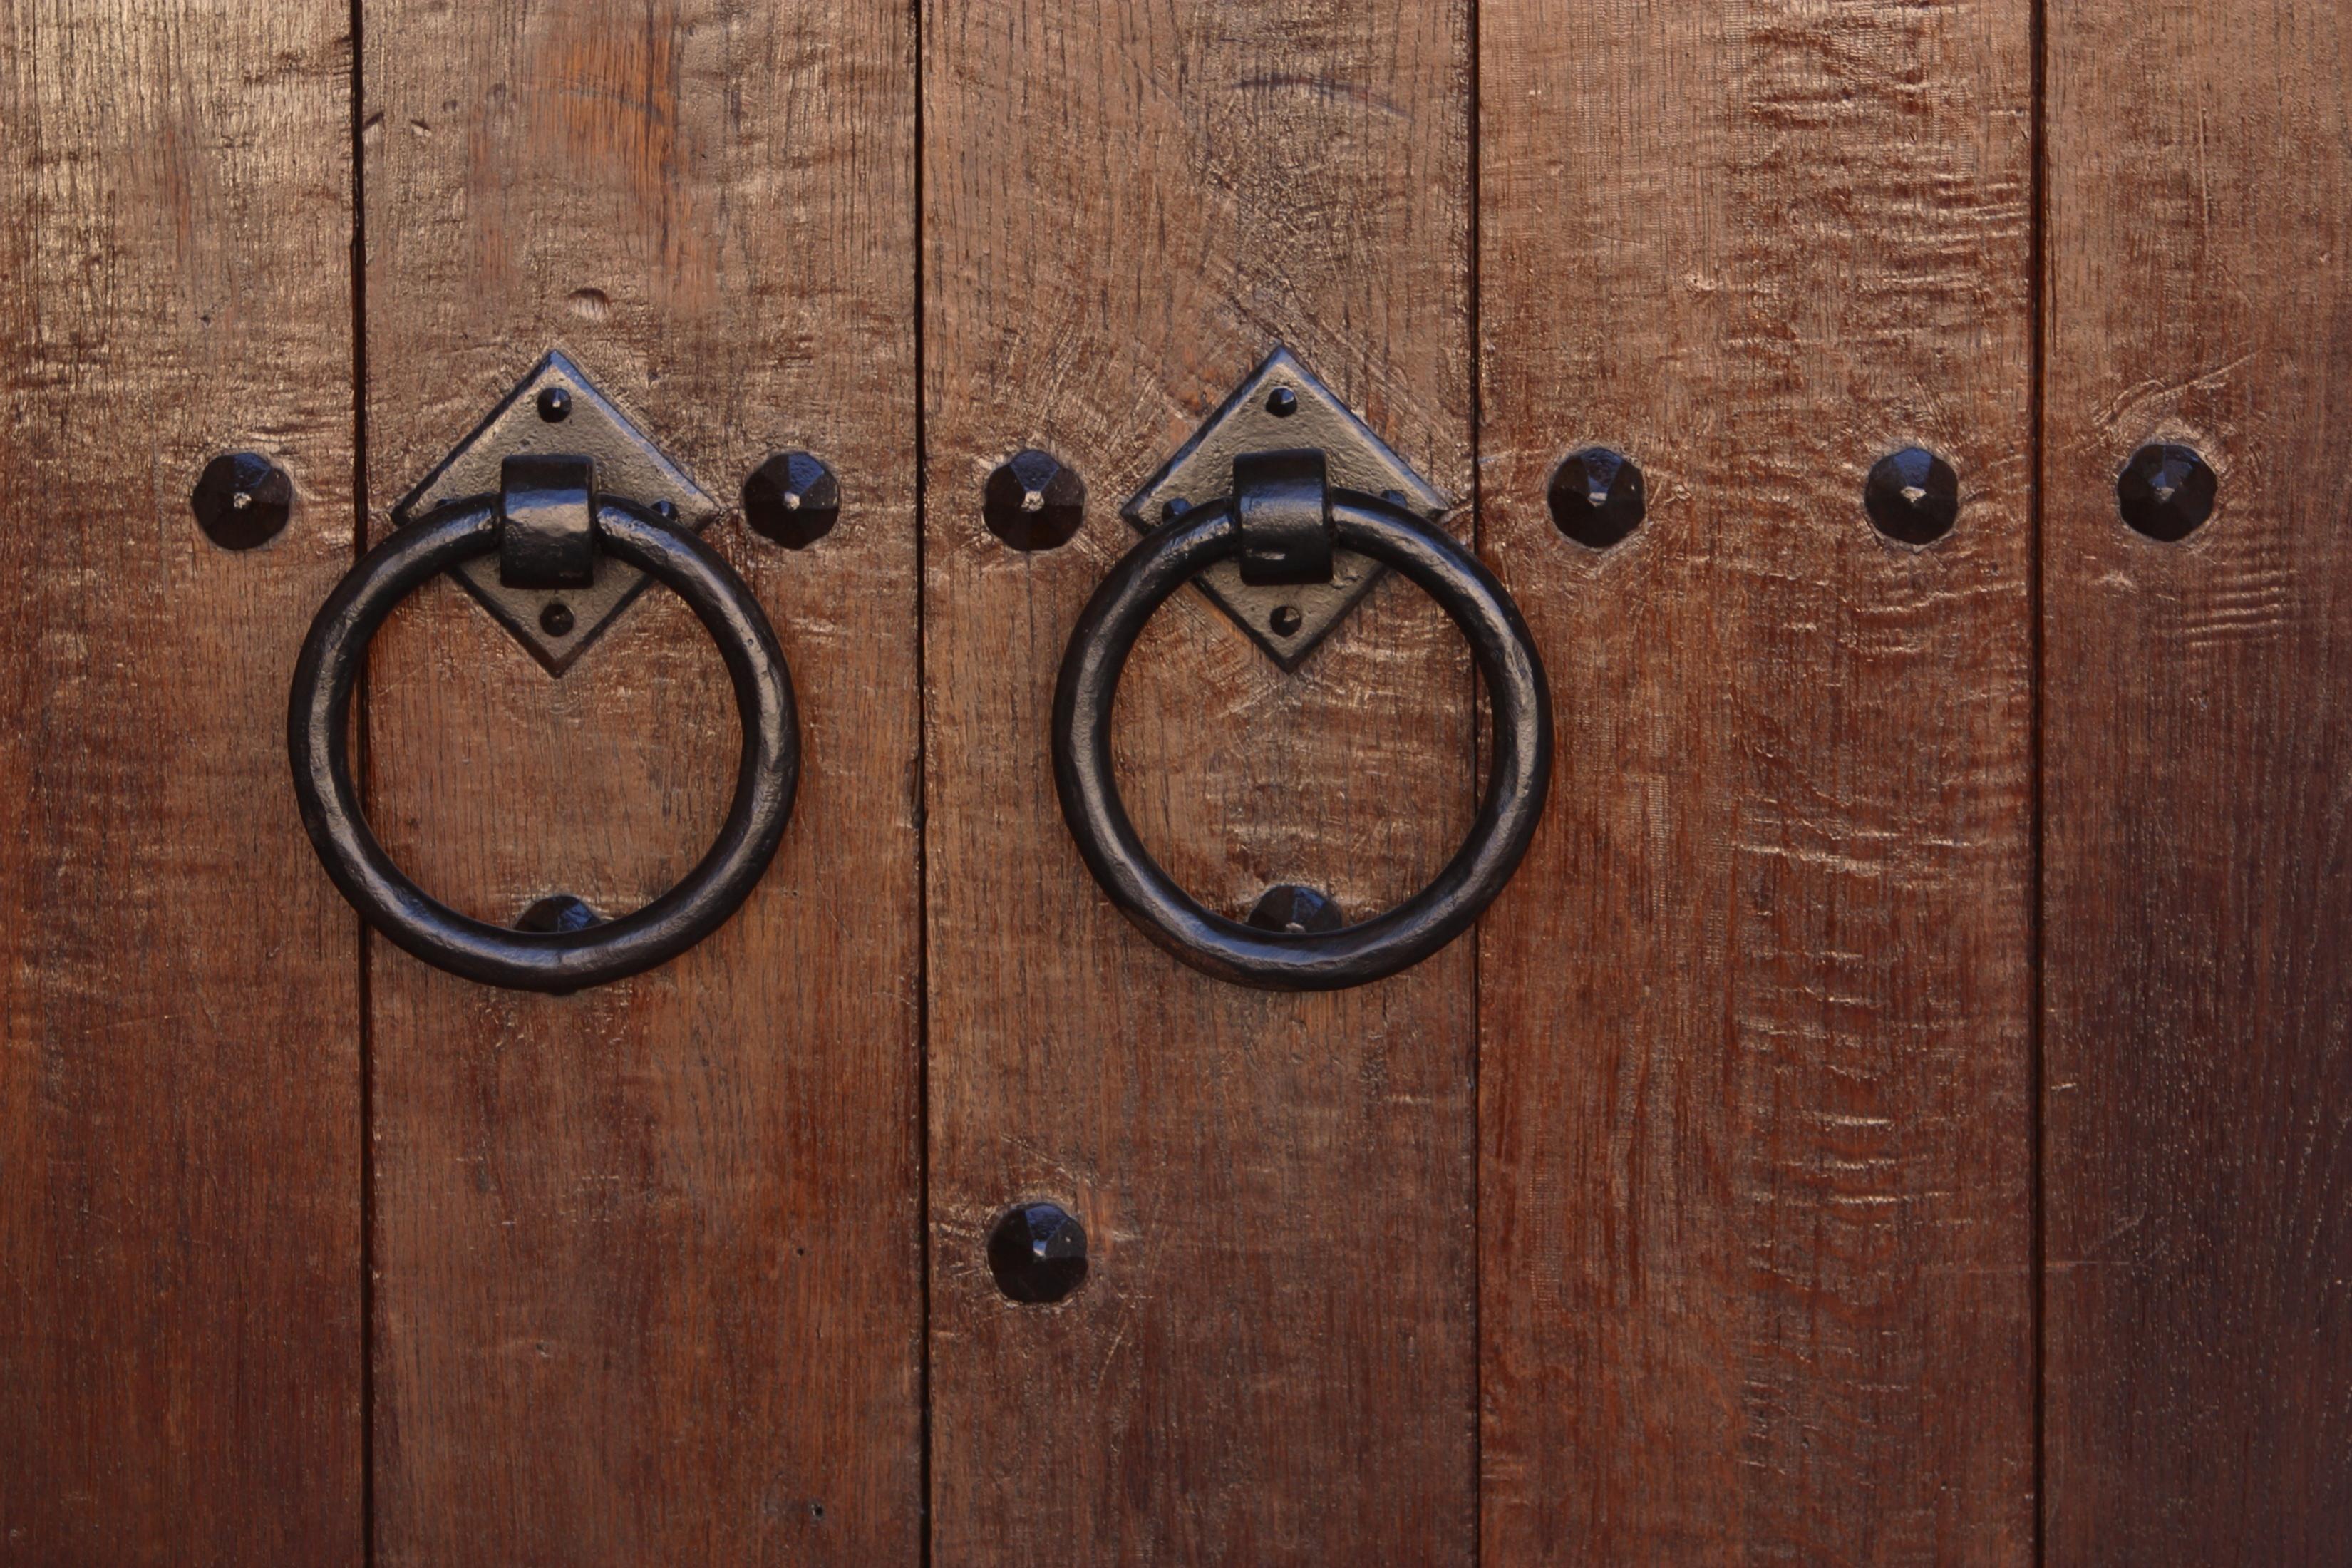 cmo darle un nuevo acabado a una puerta antigua de madera - Puertas De Madera Antiguas